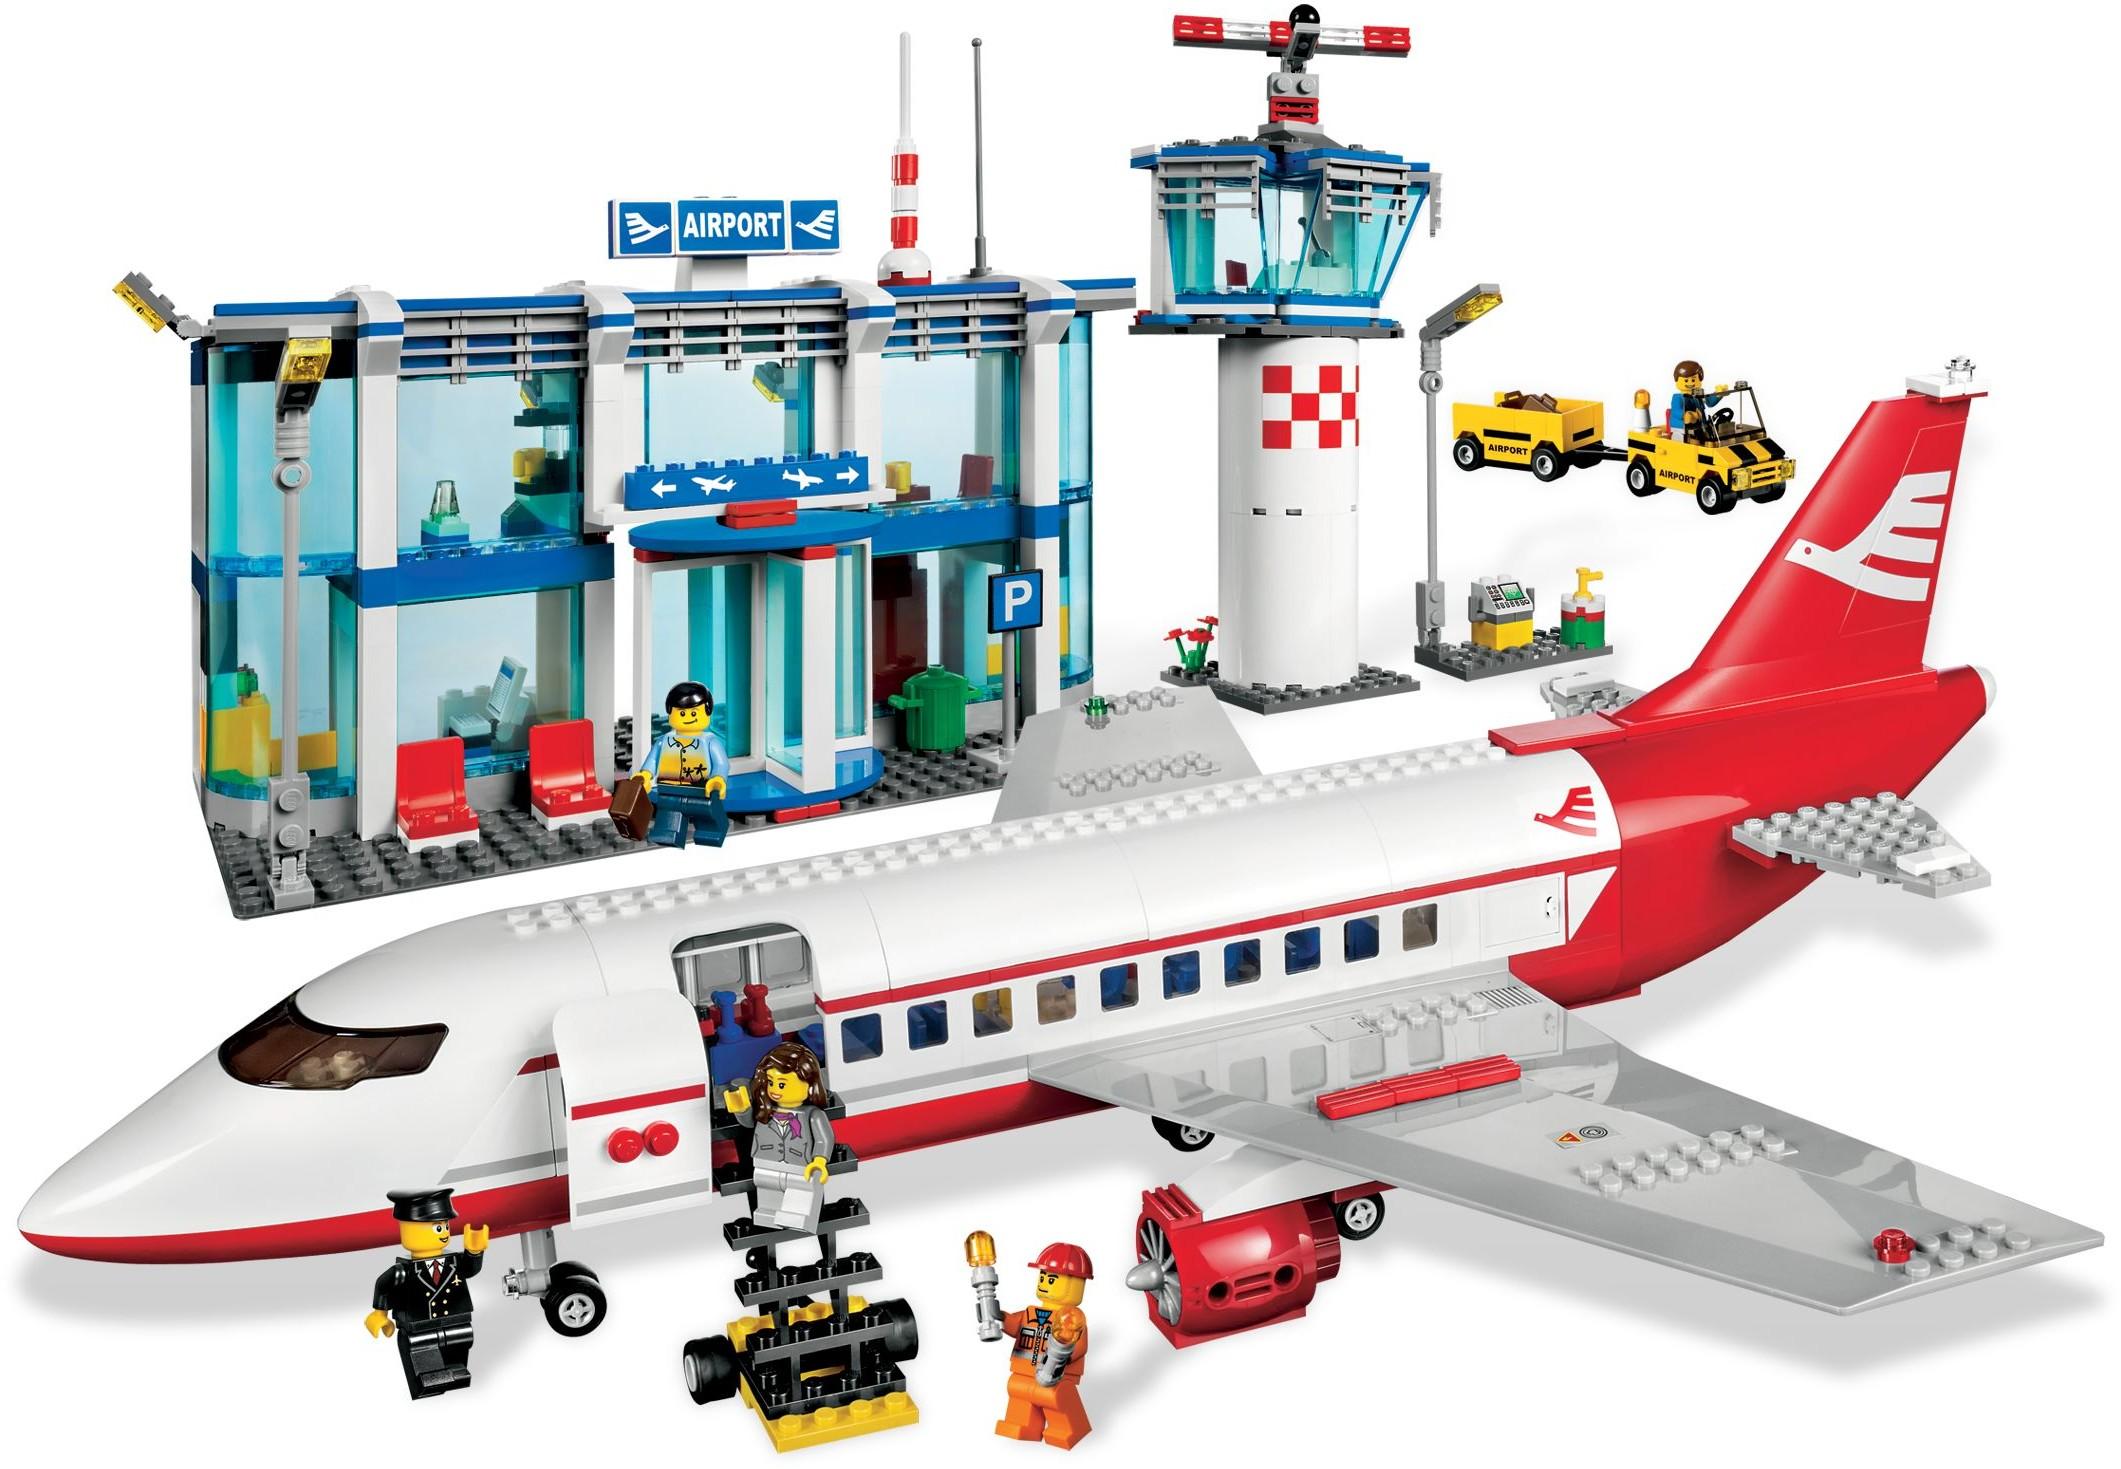 Aeroporto Lego : City airport brickset lego set guide and database